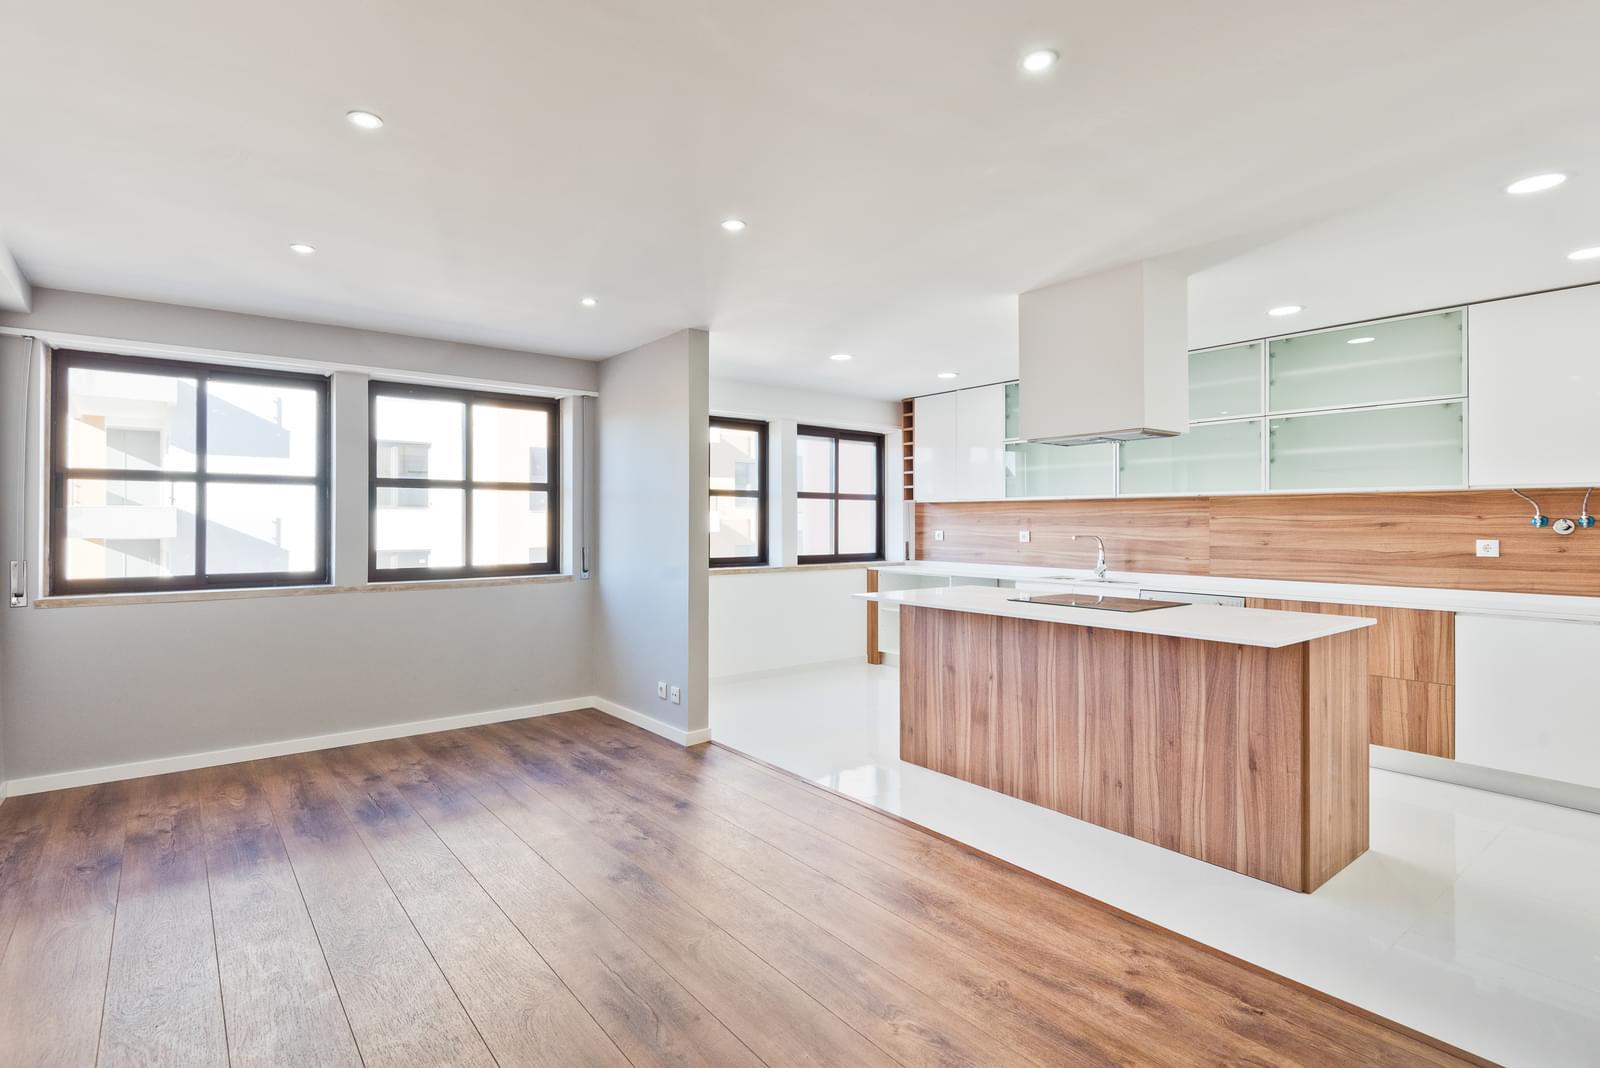 pf18963-apartamento-t5-cascais-54158722-29ab-4092-b0e2-b8718f0d4d8f